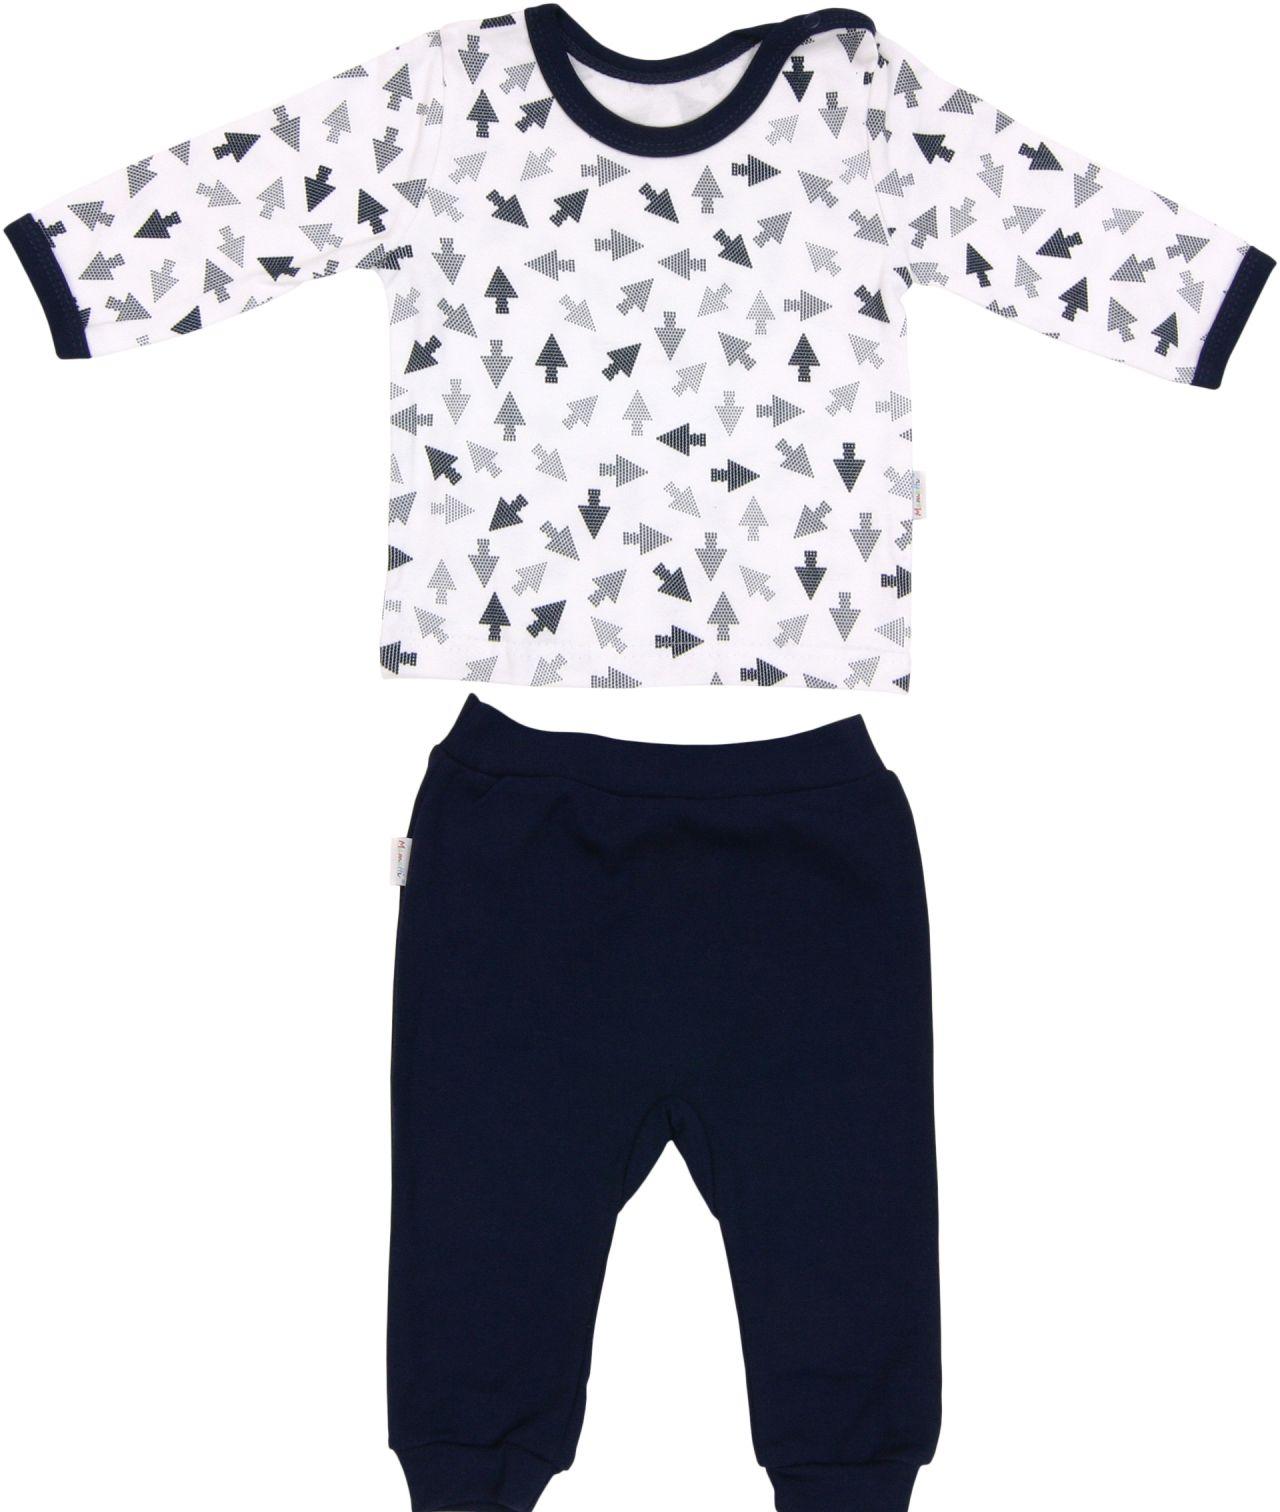 Piżama dla dziecka z bawełny strzałka Mamatti 86